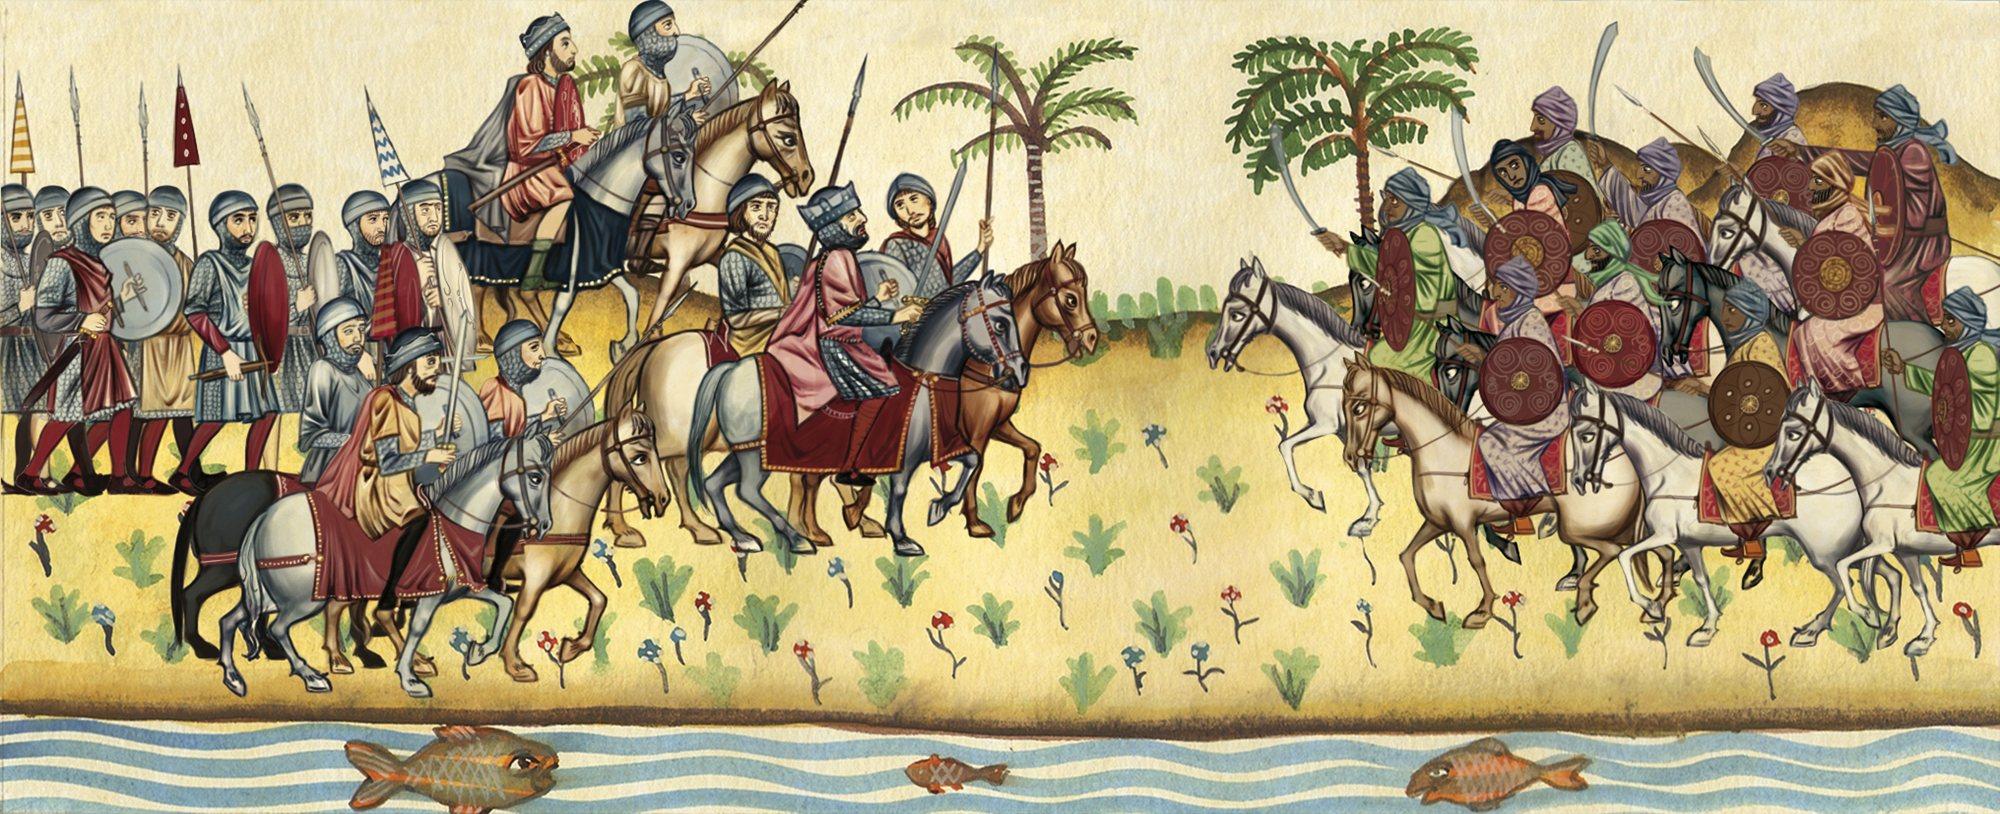 Batalla de Guadalete marca la desaparición de los visigodos y el inicio de la invasión de la Península Ibérica por parte de los musulmanes